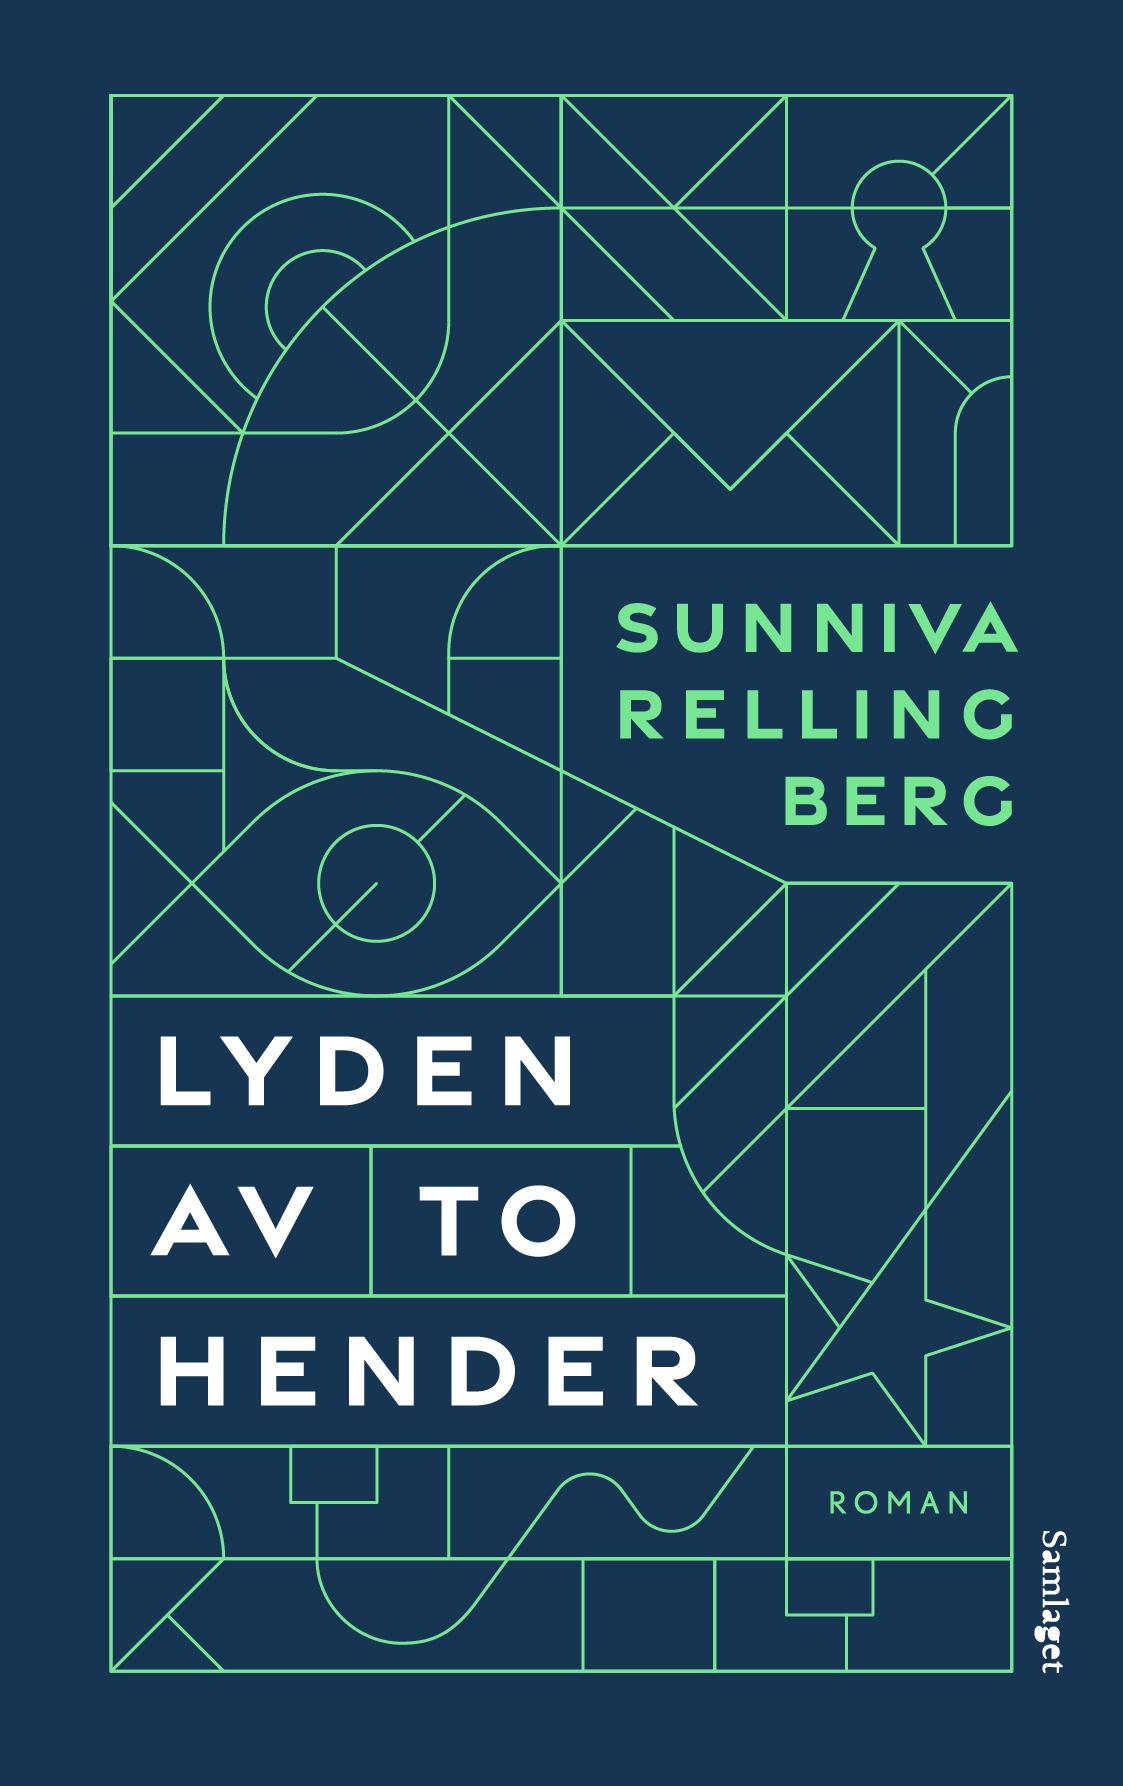 """""""Lyden av to hender - roman"""" av Sunniva Relling Berg"""